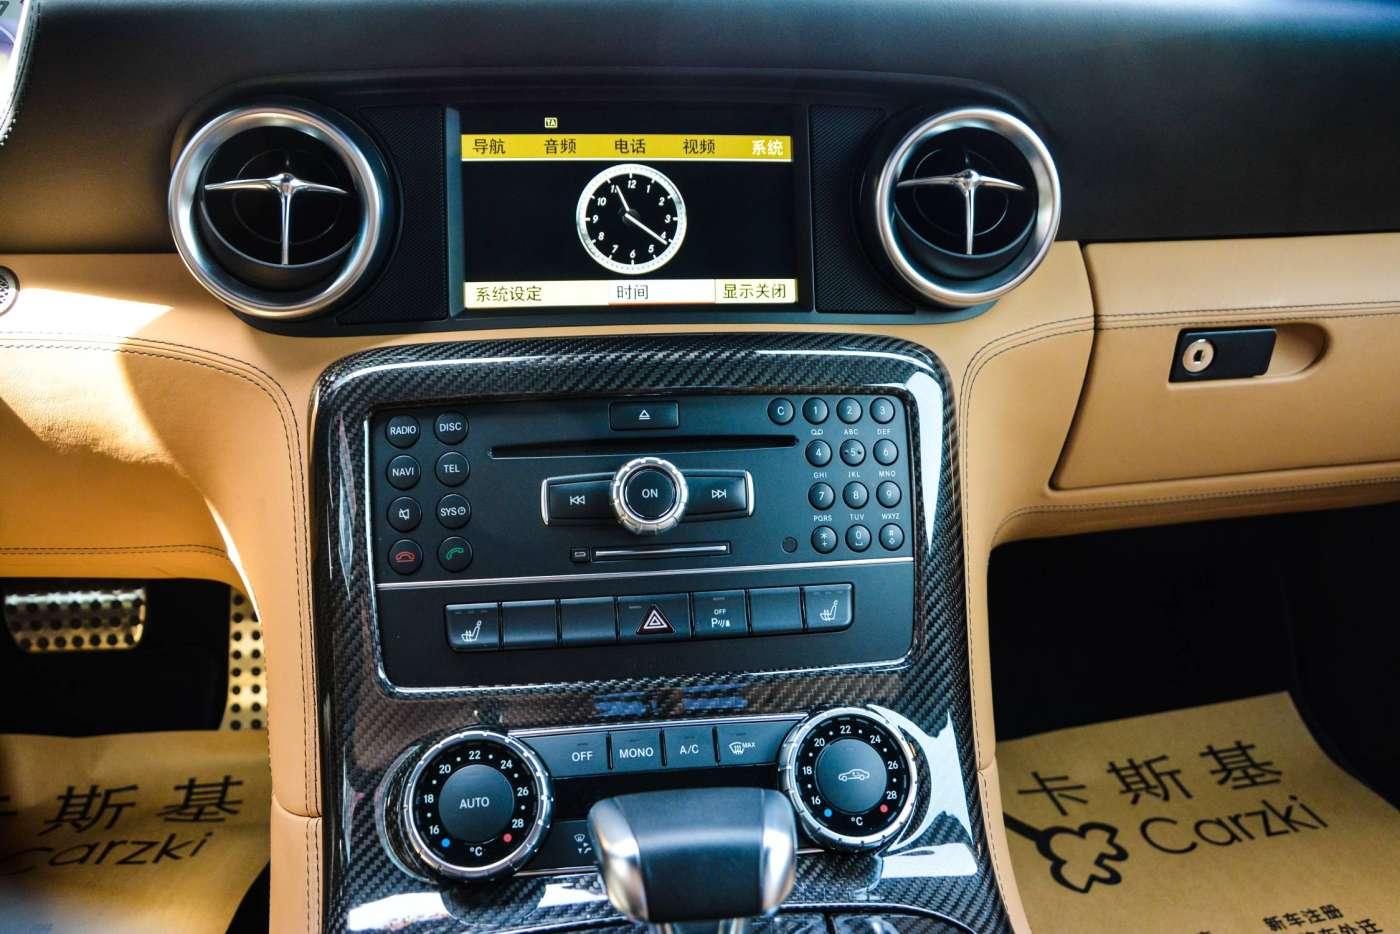 2014年06月 奔驰SLS级AMG 2013款 SLS AMG 45周年中国限量版|甄选奔驰-北京卡斯基汽车服务有限公司